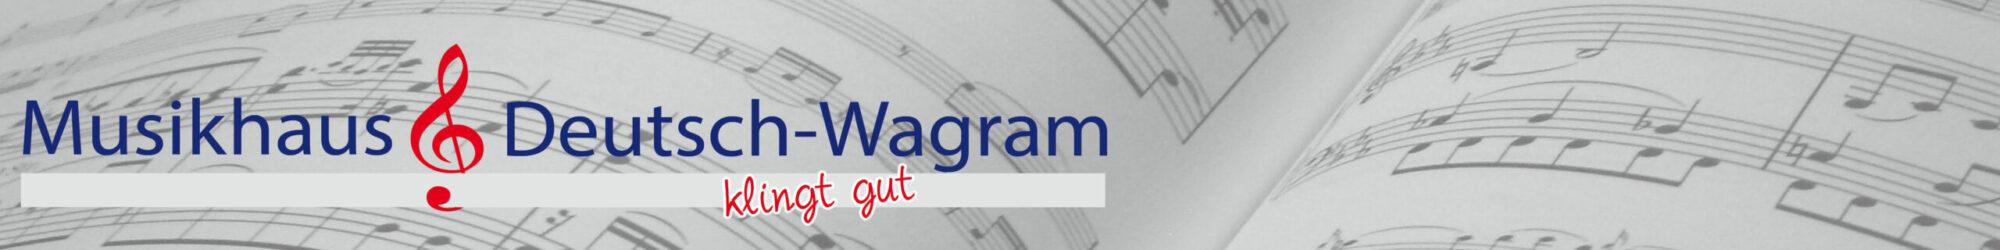 Musikhaus Deutsch-Wagram